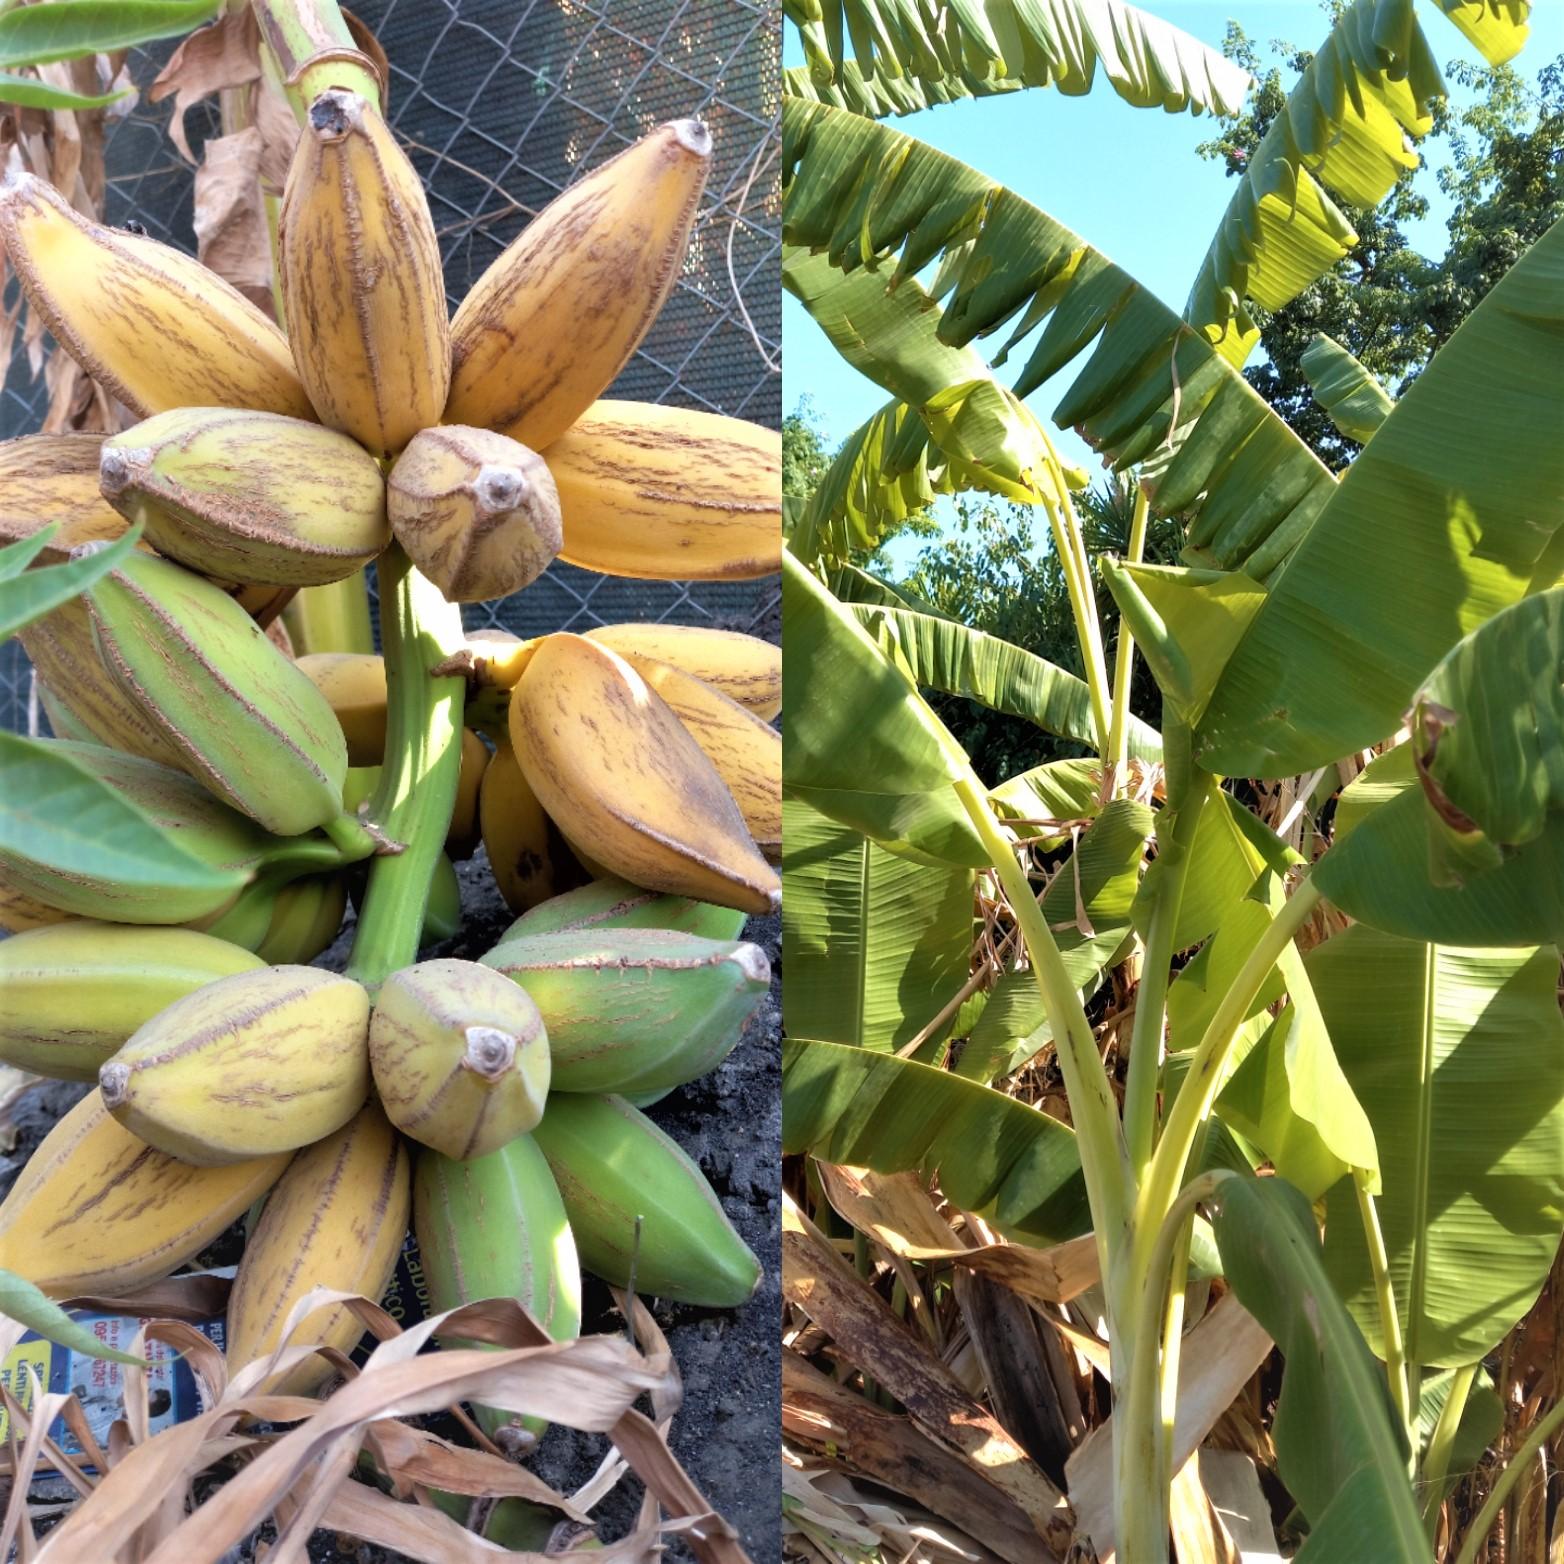 Banano, Desiderano riparo e acqua. Bananita, in Sicilia non si possono fare società e Nemmeno coltivare banane.